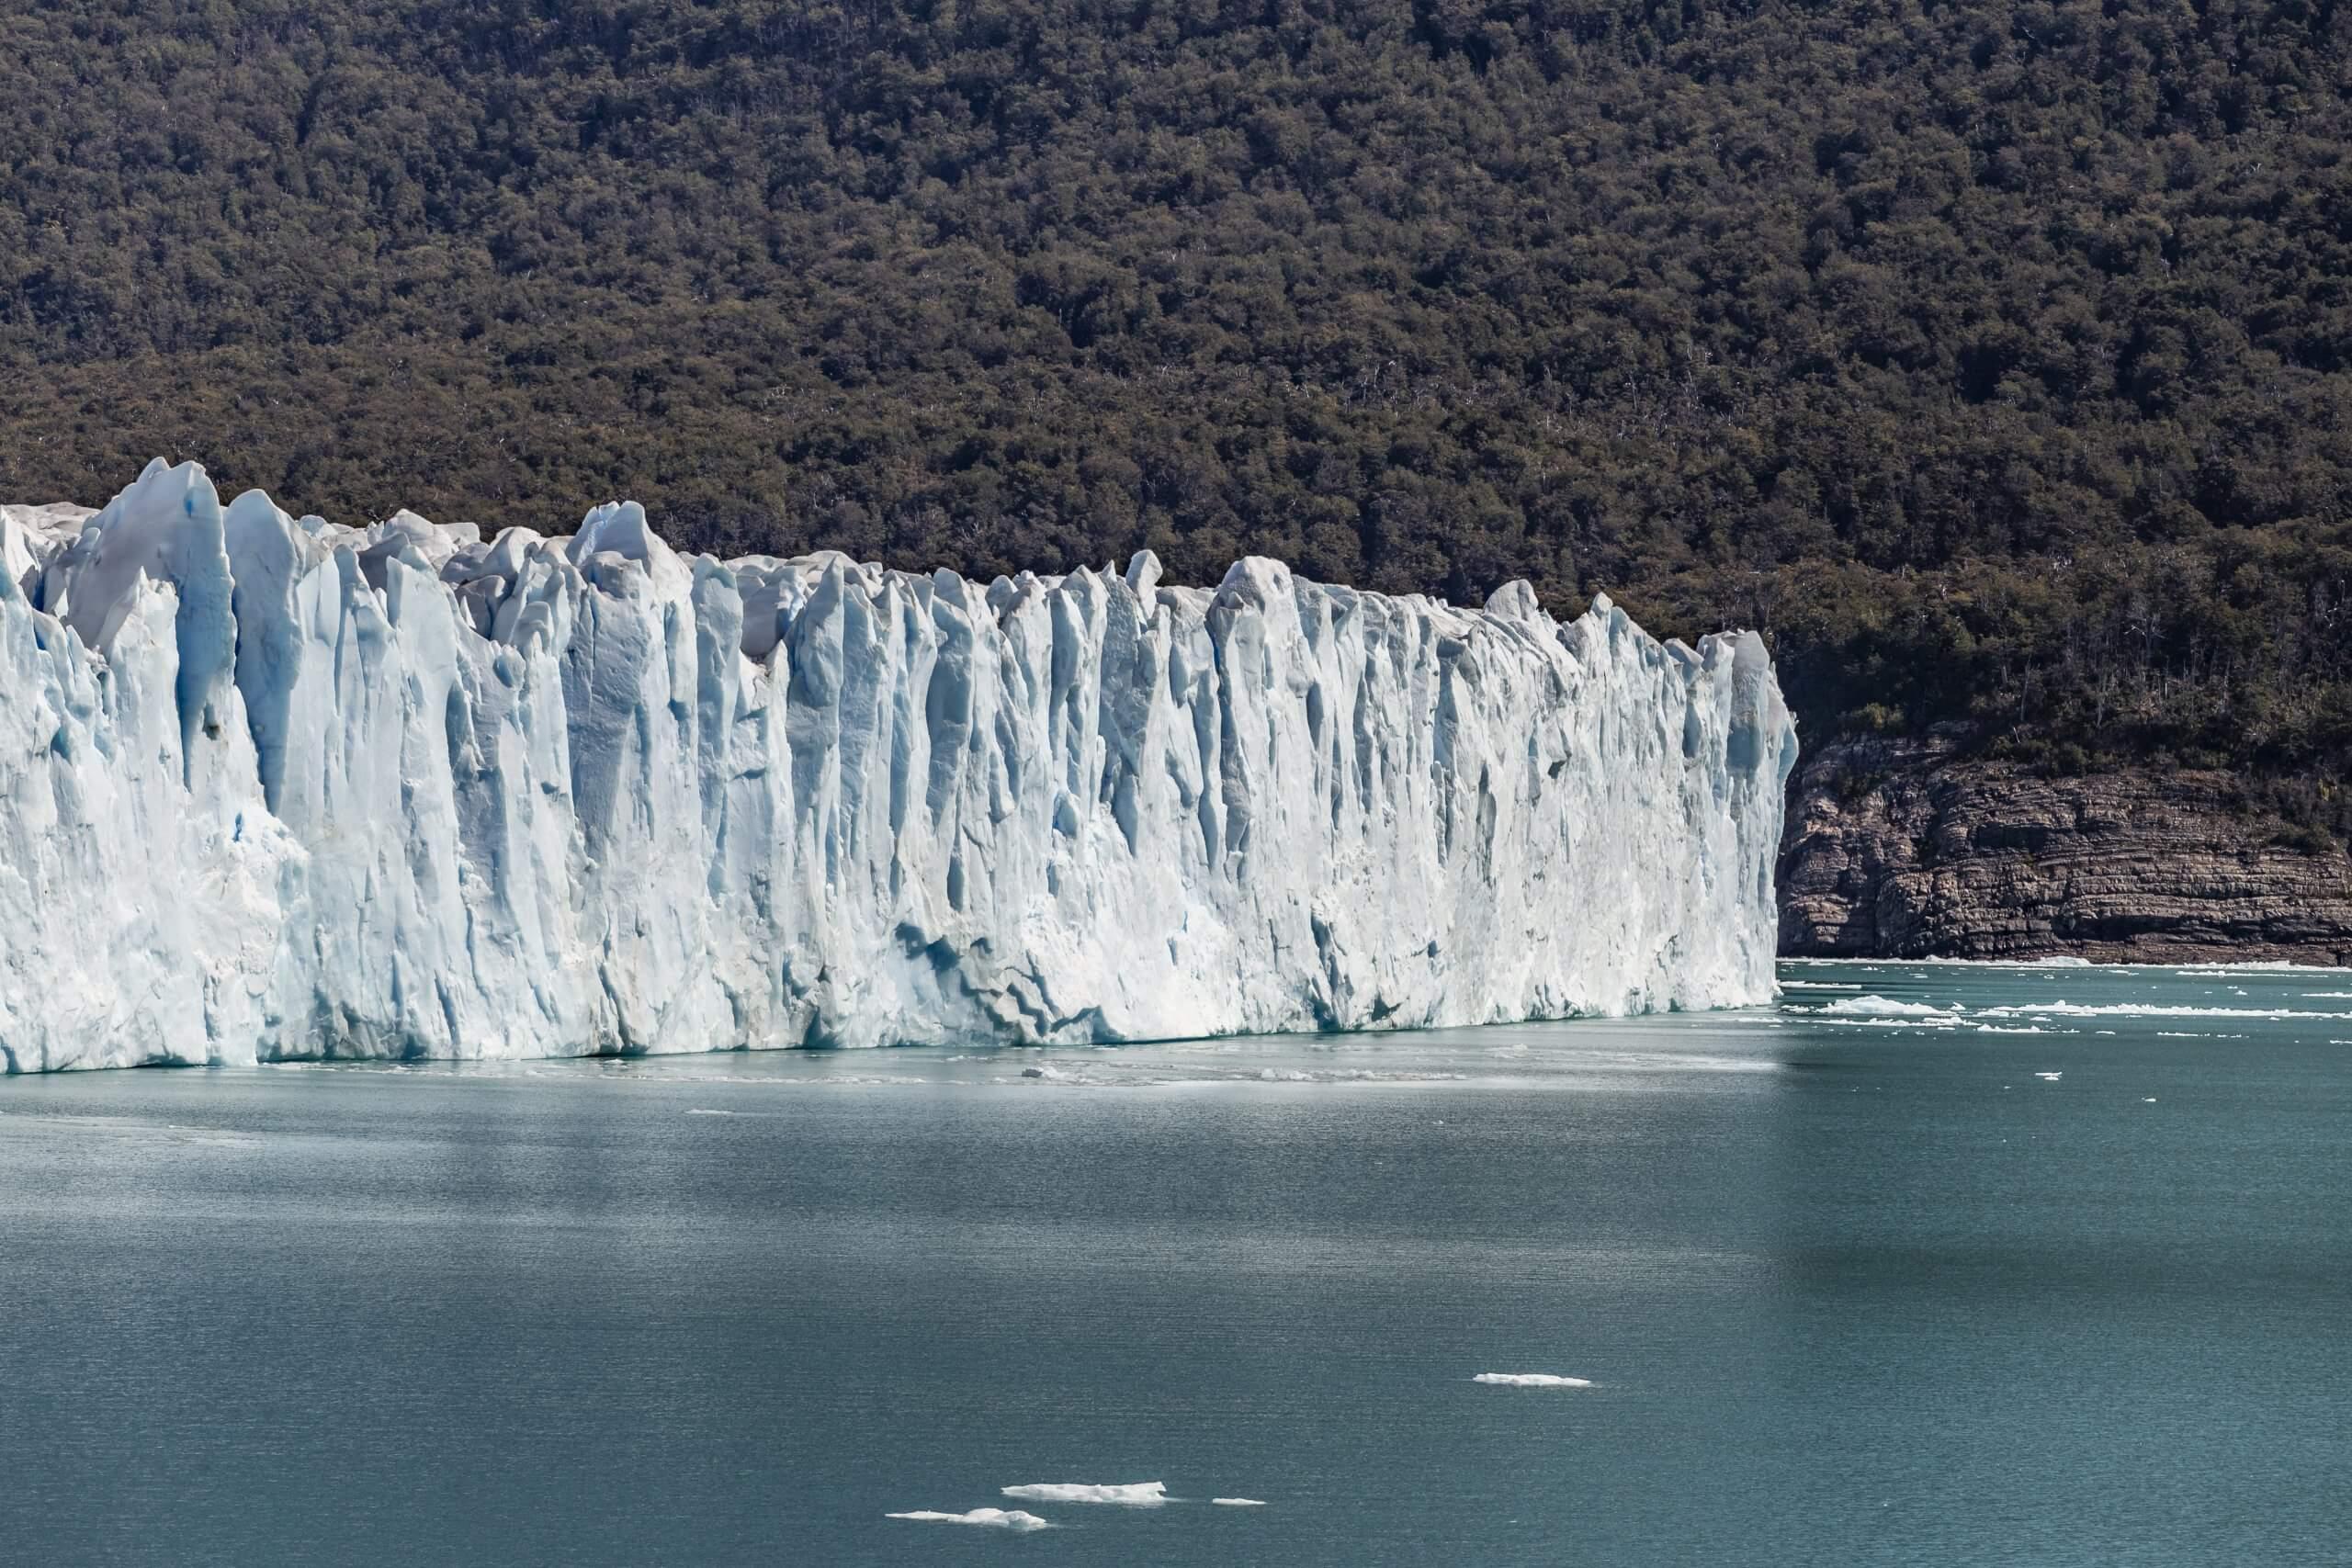 die Bruchstelle des Gletschers